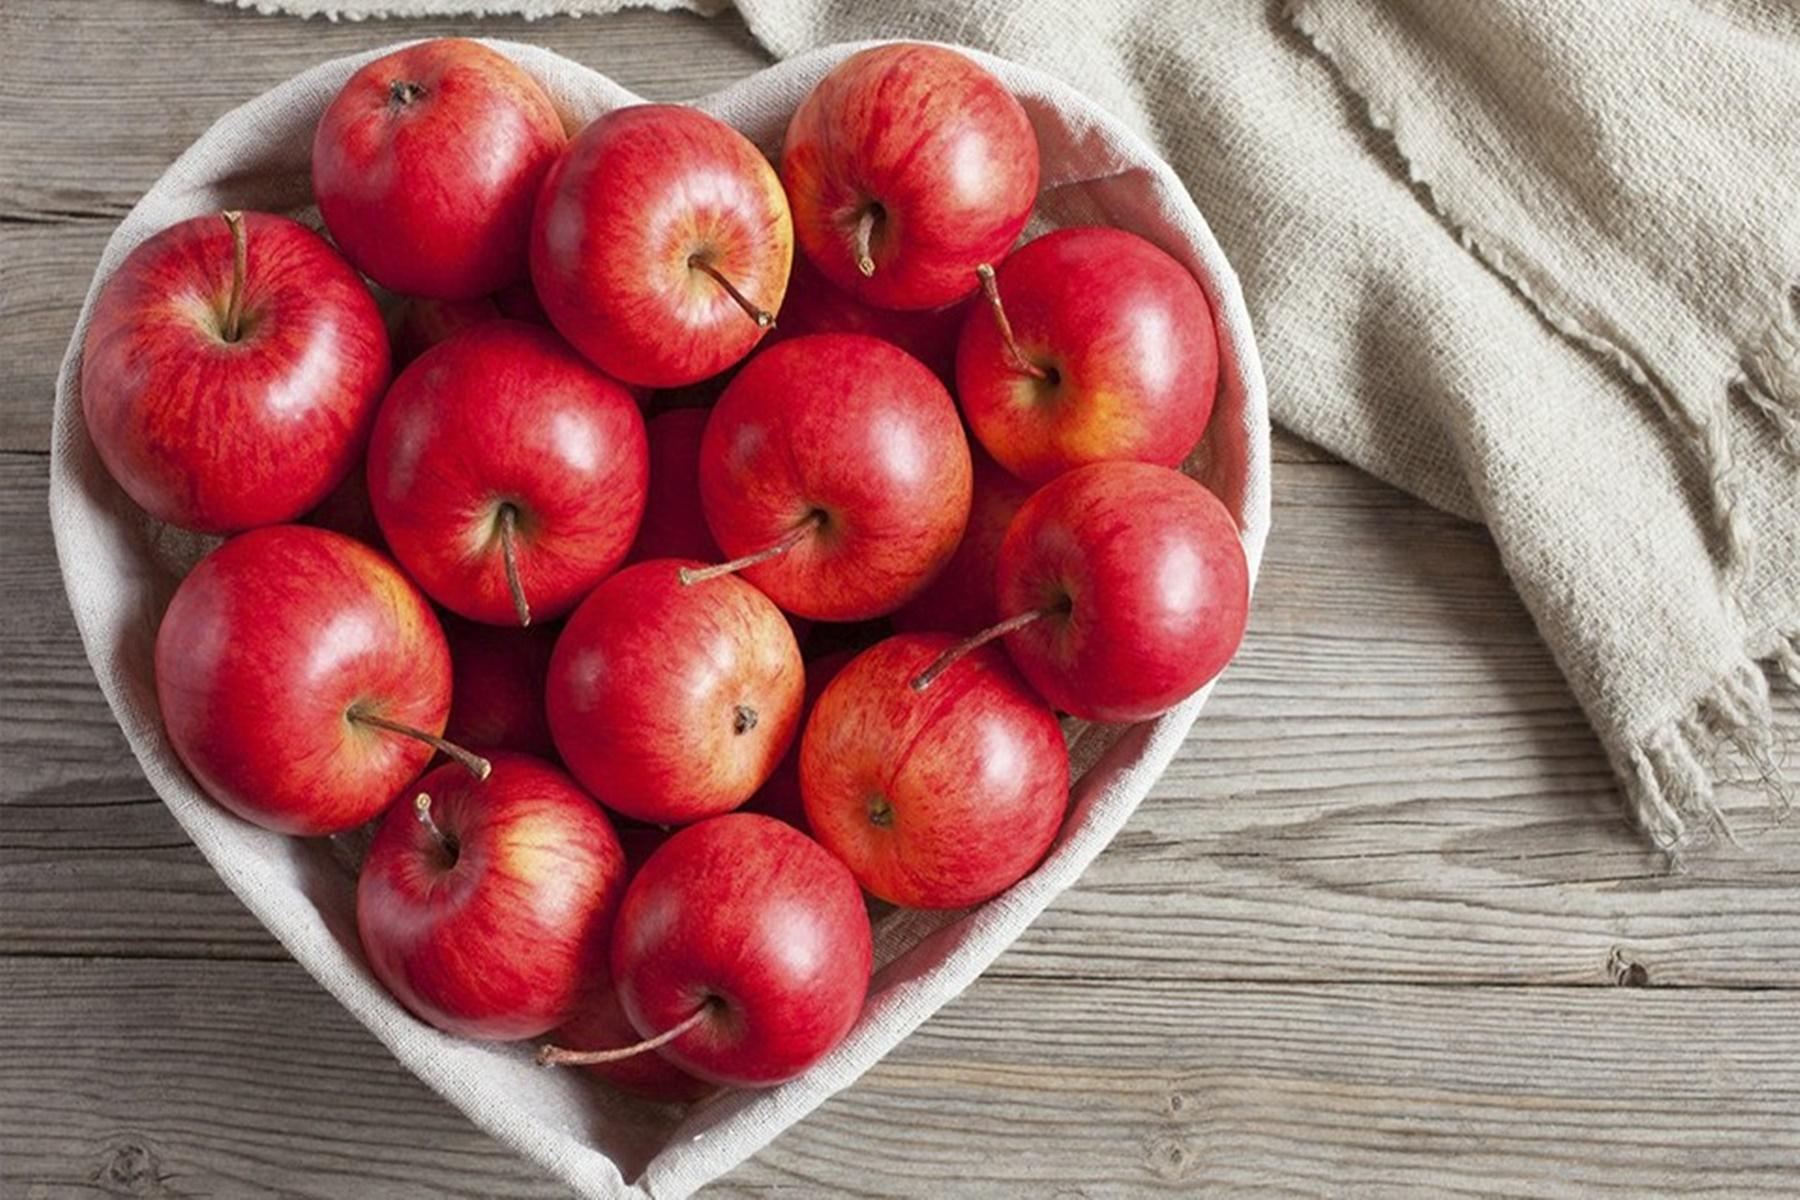 Μήλα : Πλούσια σε θρεπτικά συστατικά